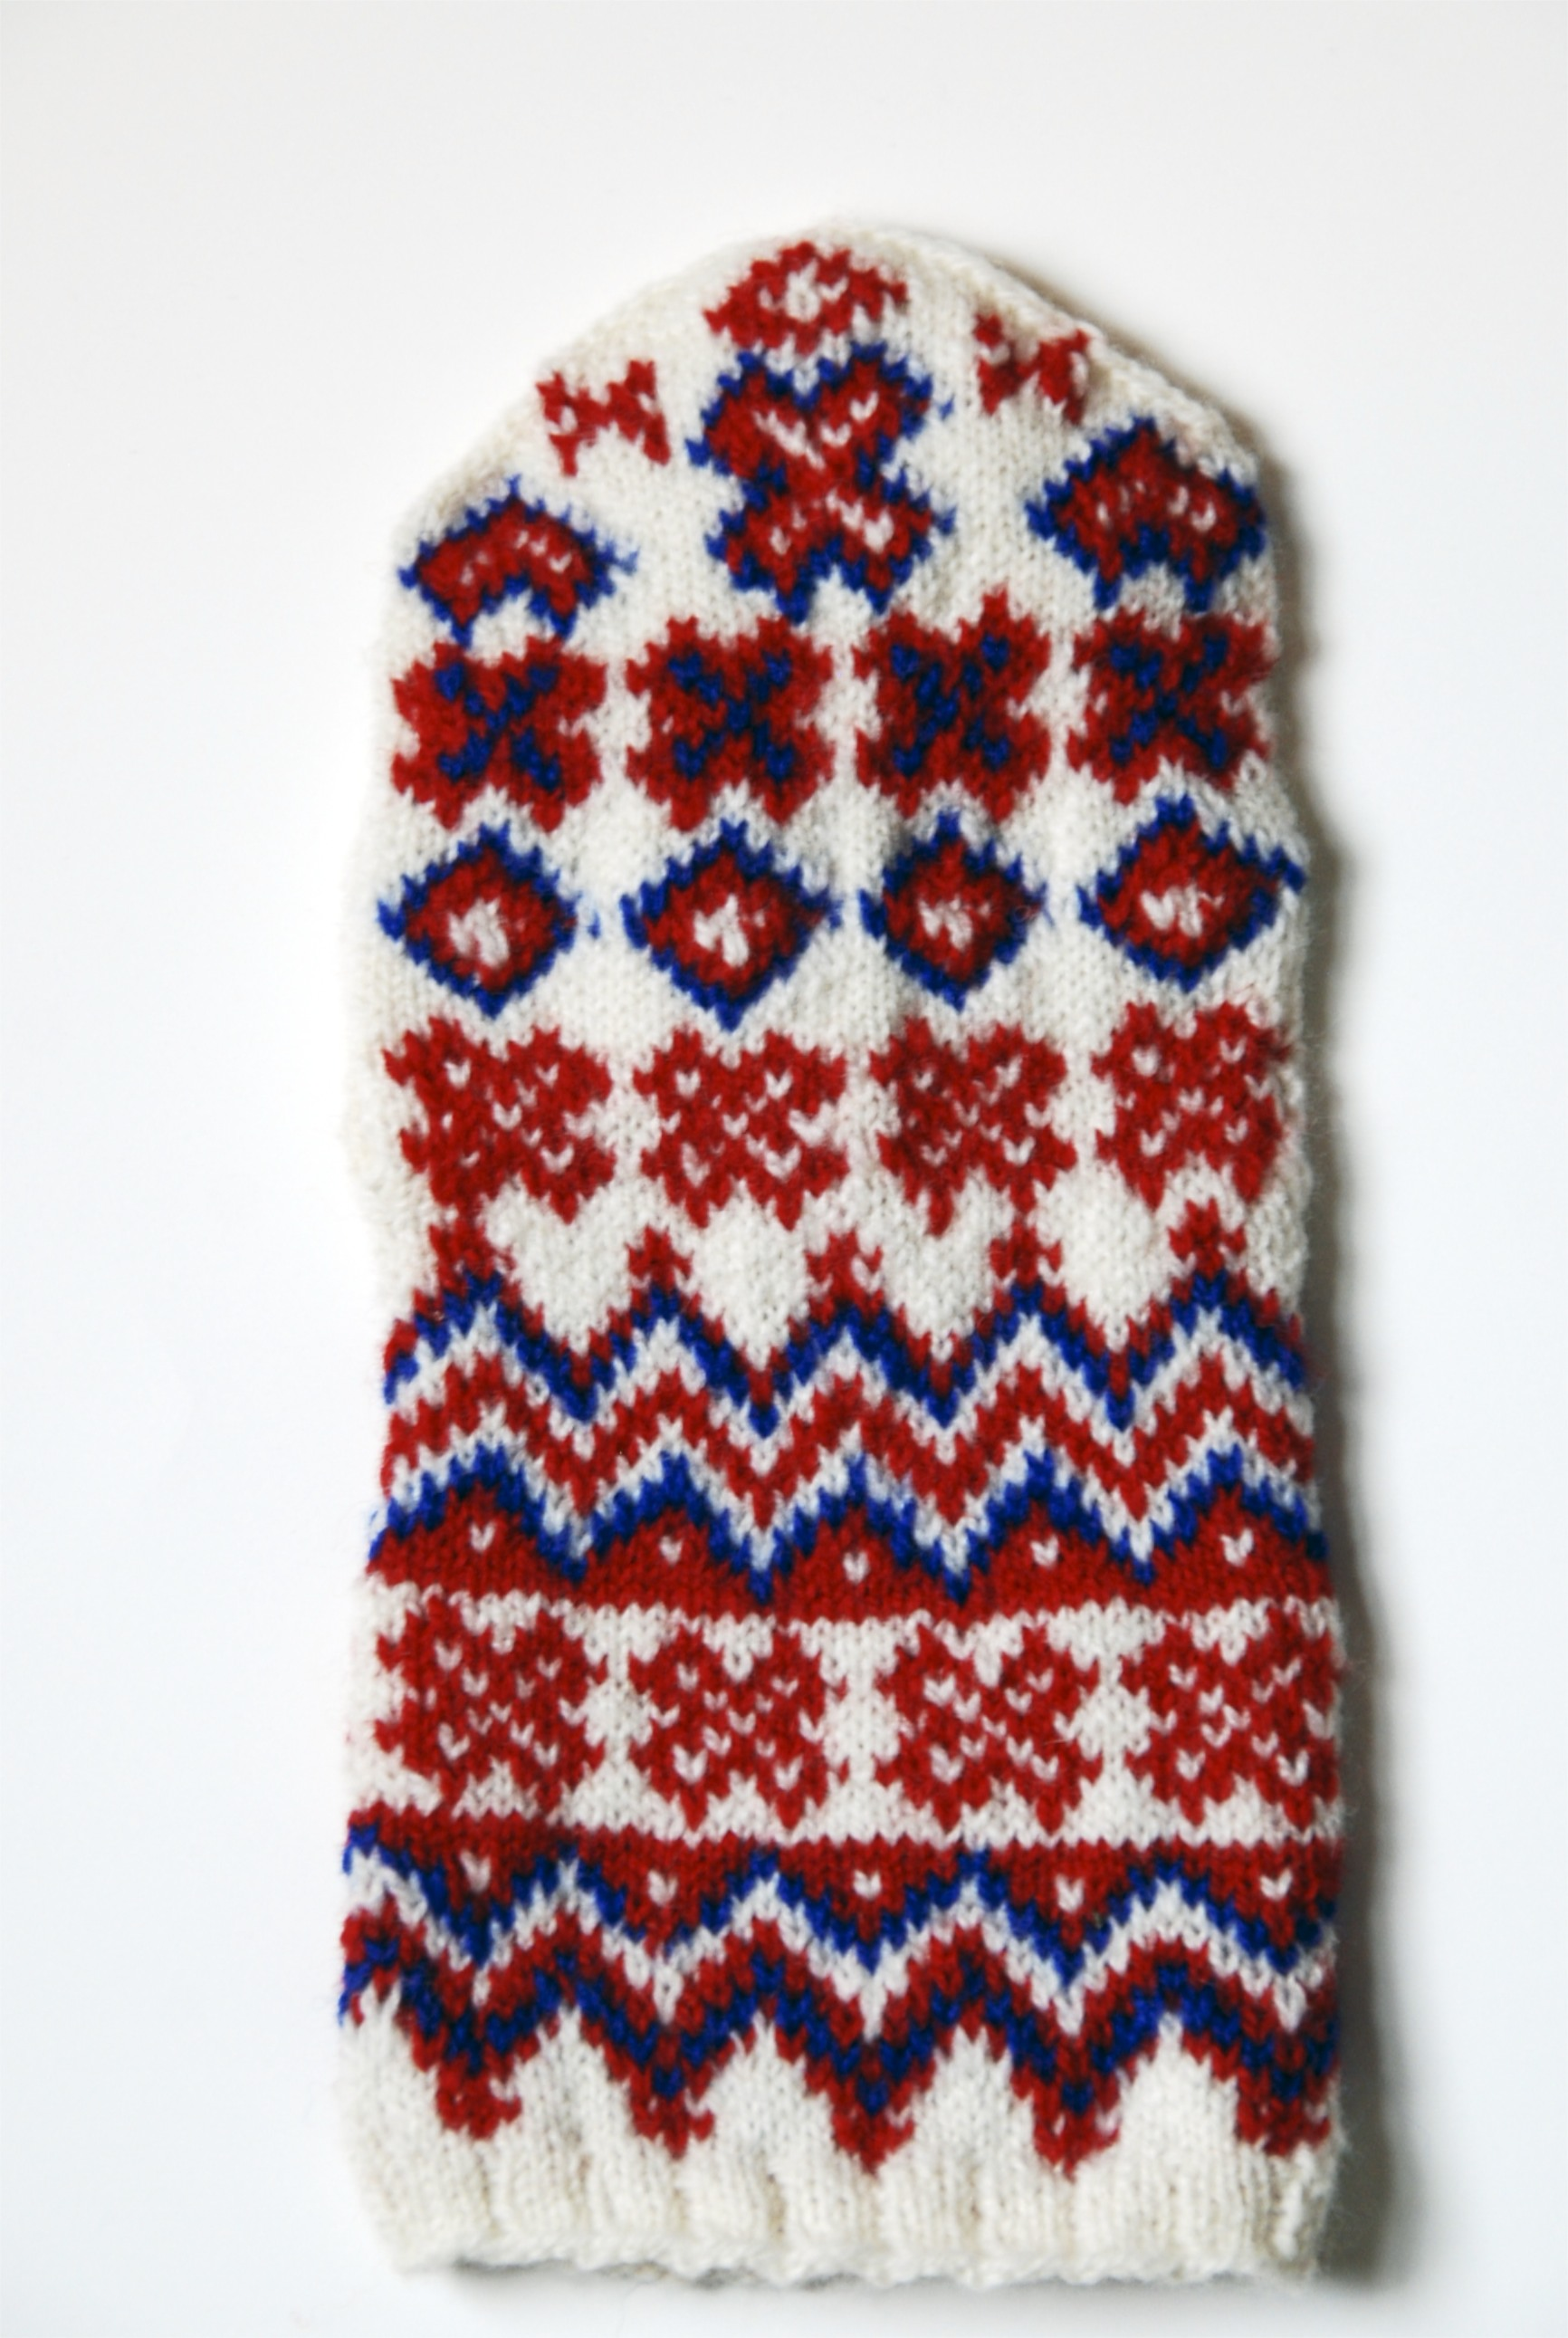 back of the hand  Ávži mitten, knit by stashmuffin